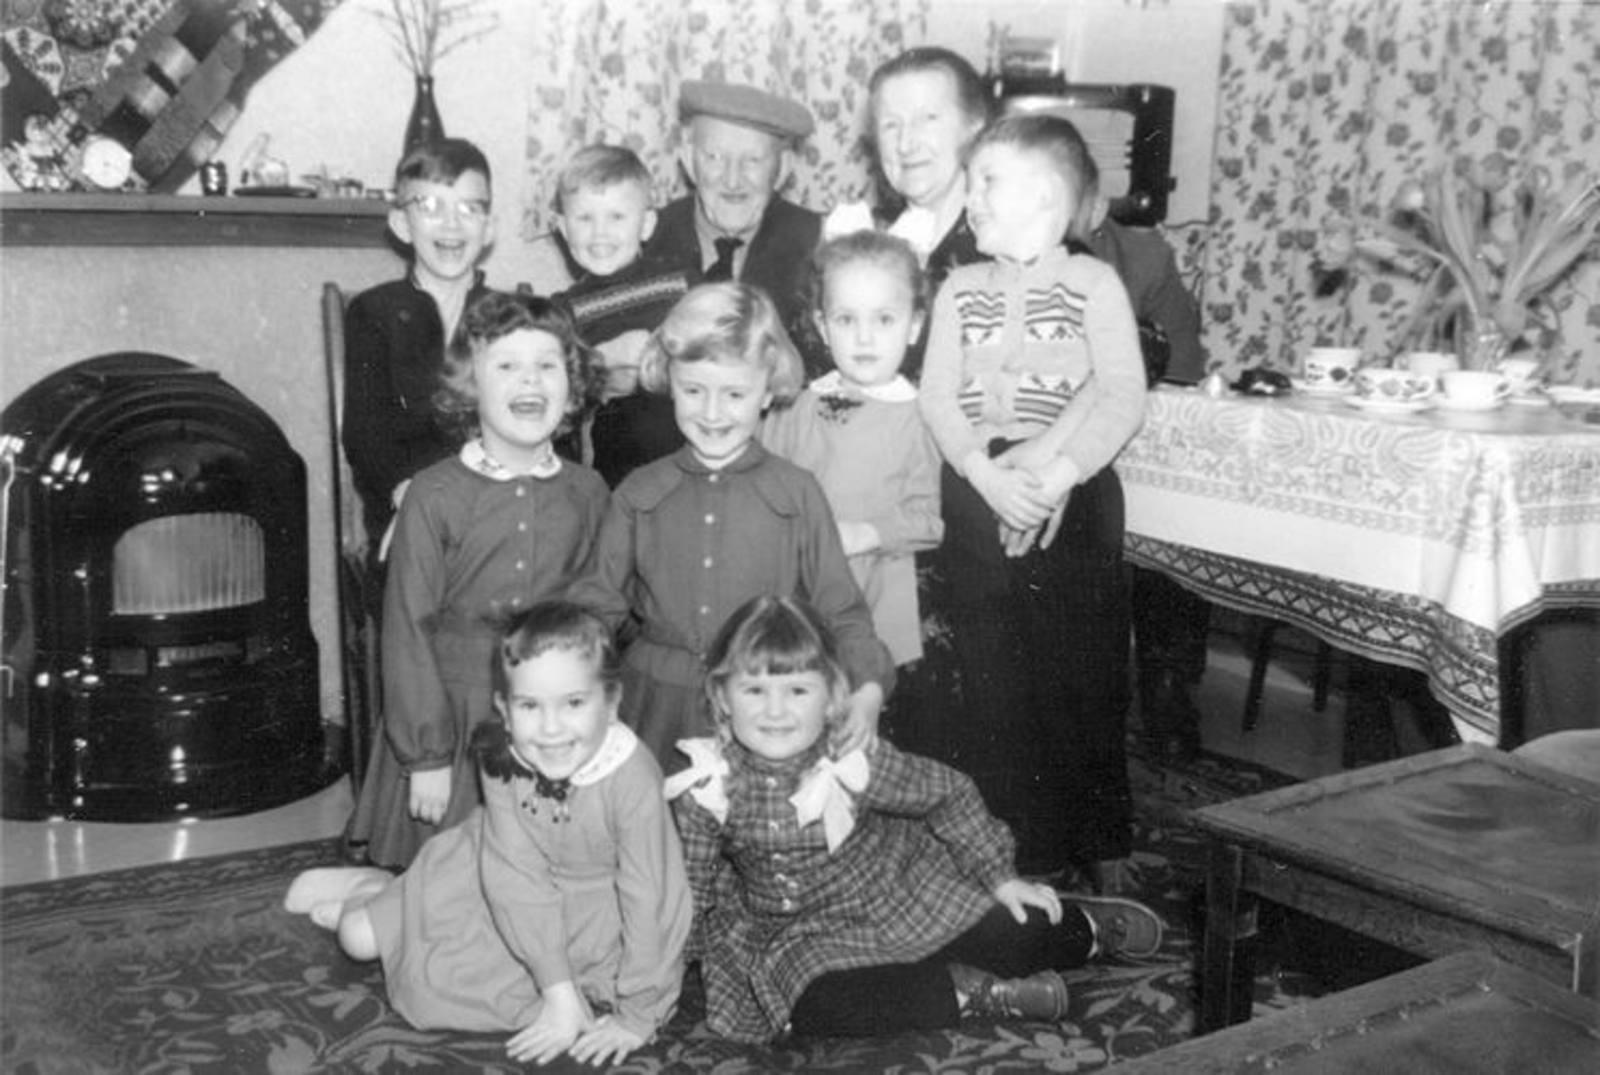 00 Wies Jan Azn 1957± met Opoe en bezoek Neven en Nichten 01